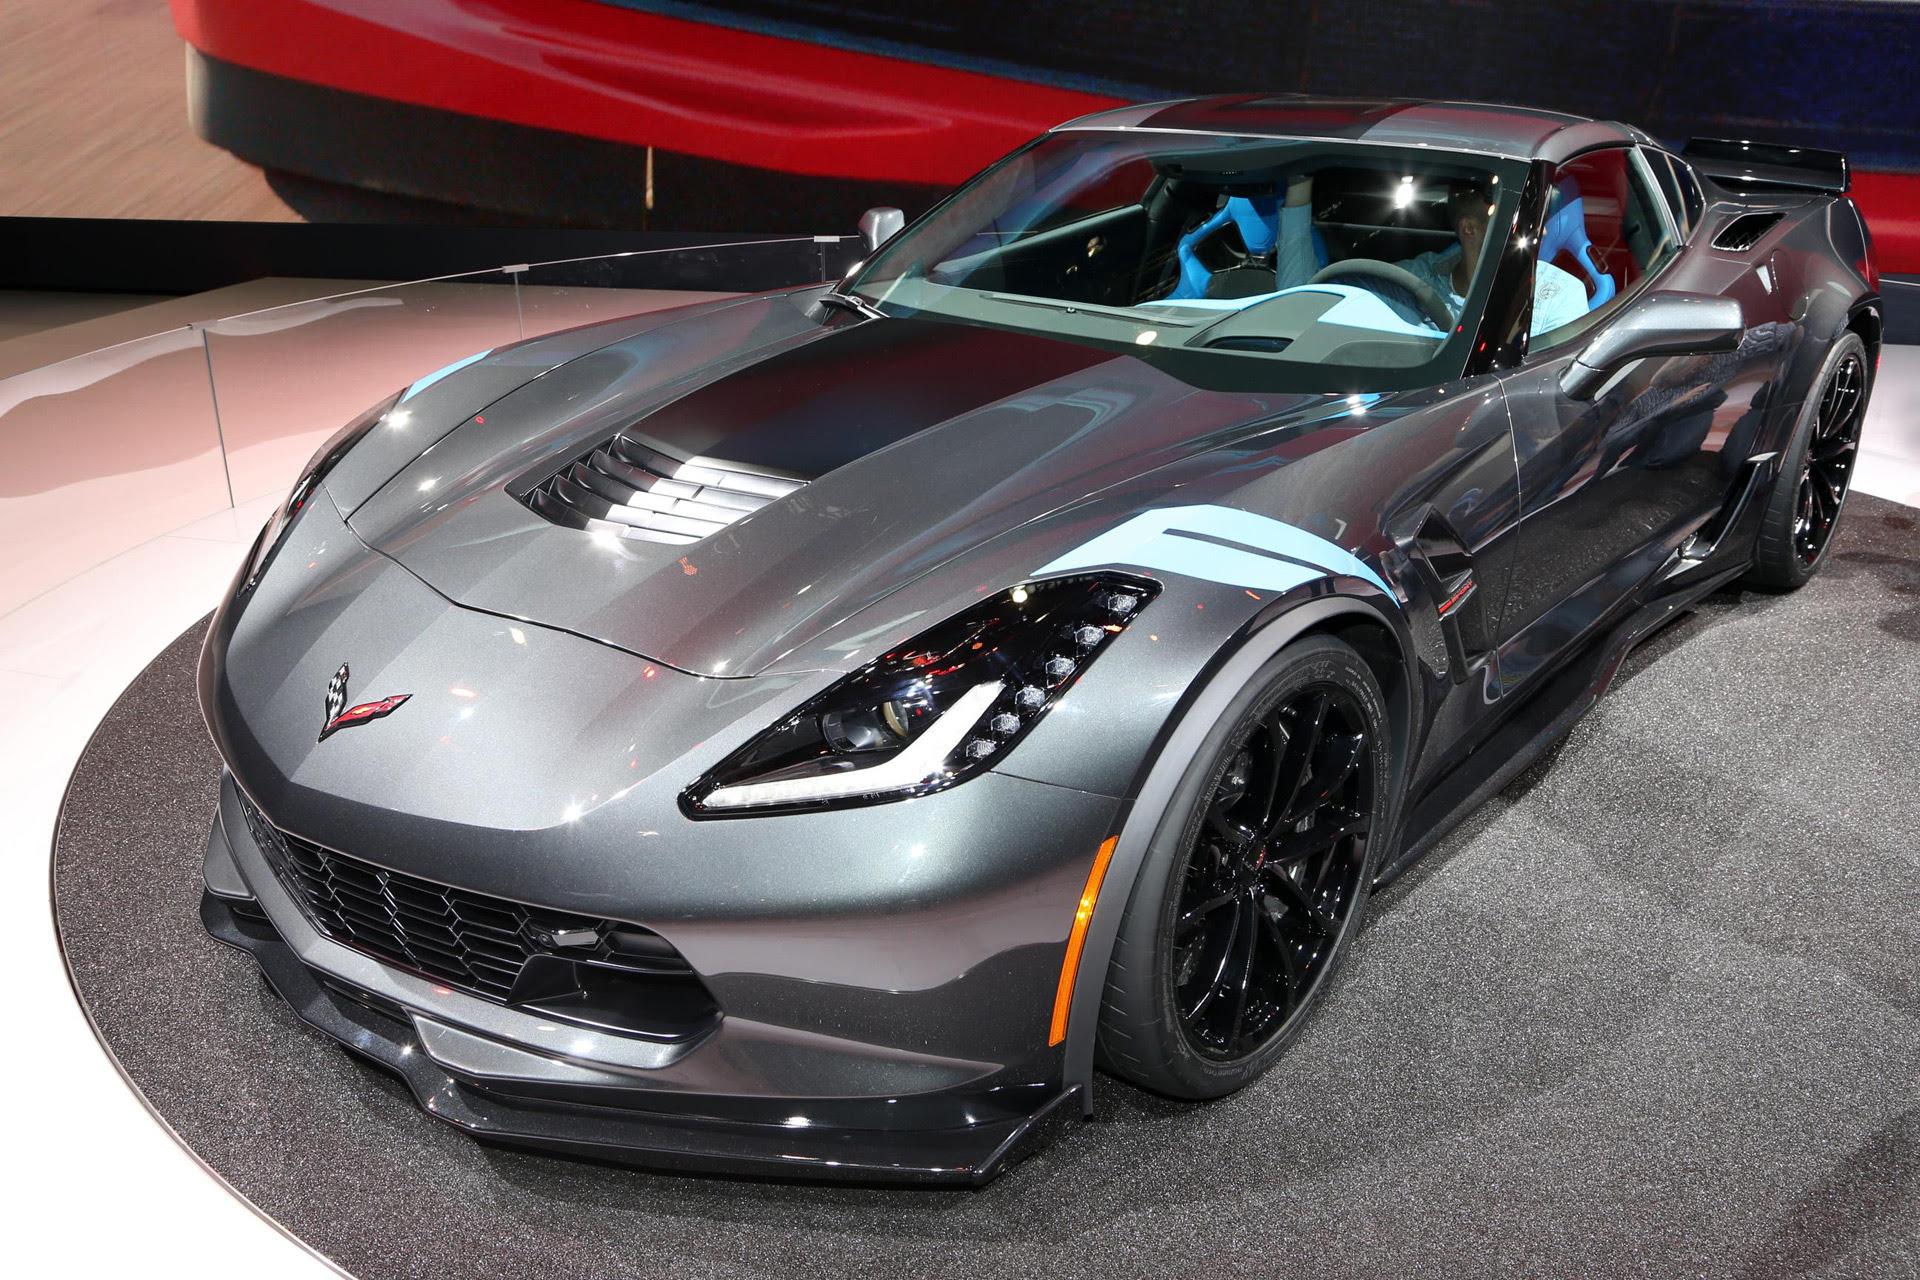 2017 Chevrolet Corvette Grand Sport Collector Edition 2016 ...